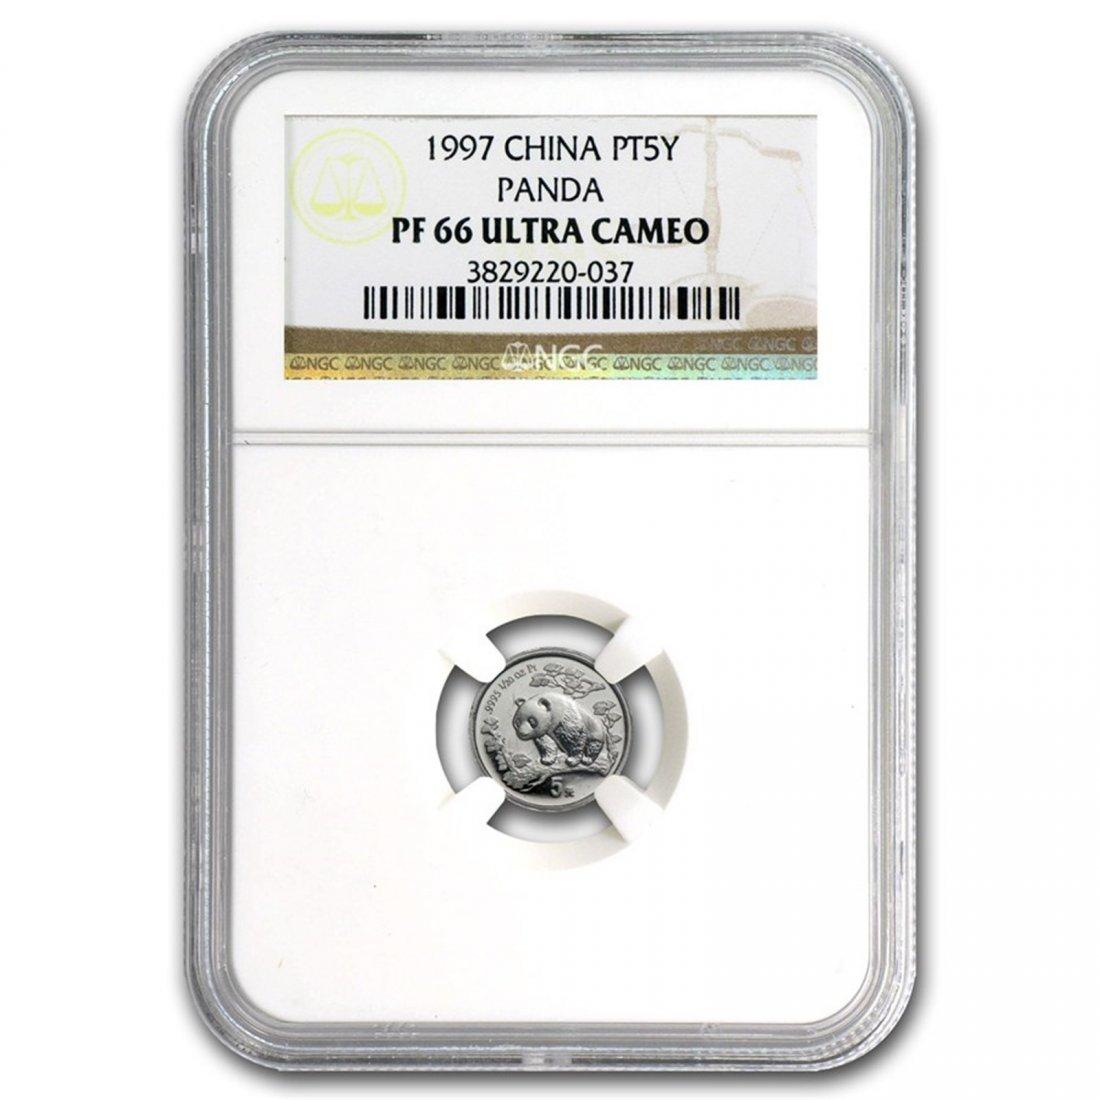 1997 China 1/20 oz Proof Platinum Panda PF-66 NGC